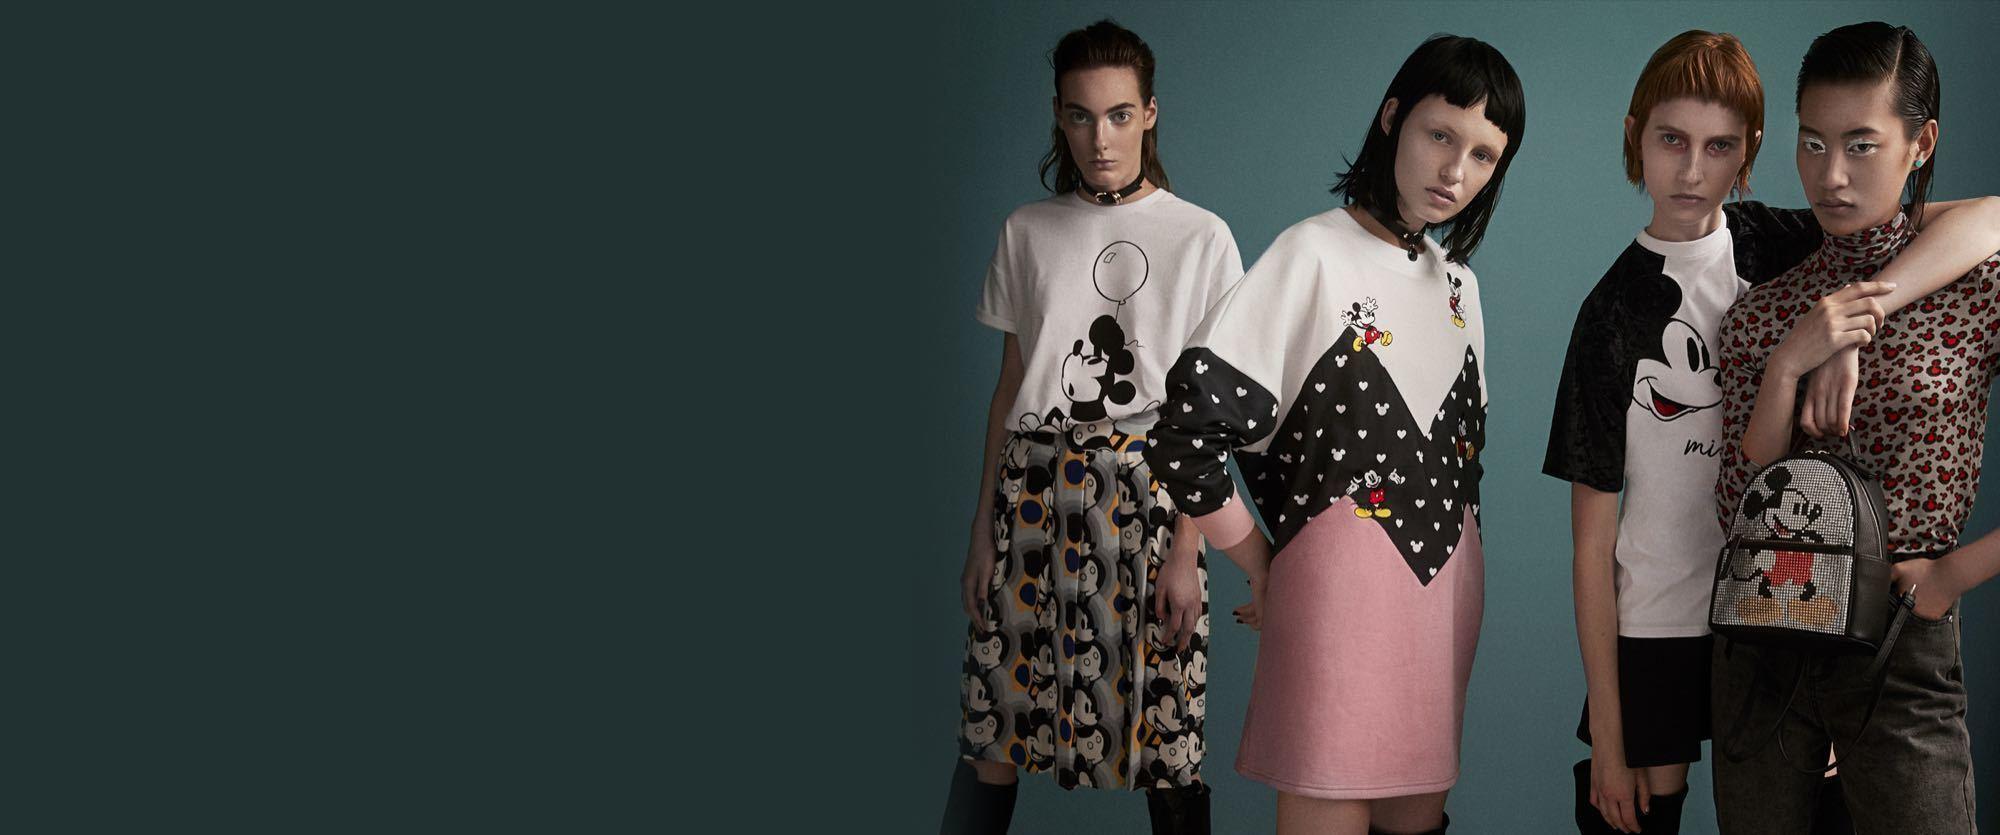 M90 | OVS fashion Vogue